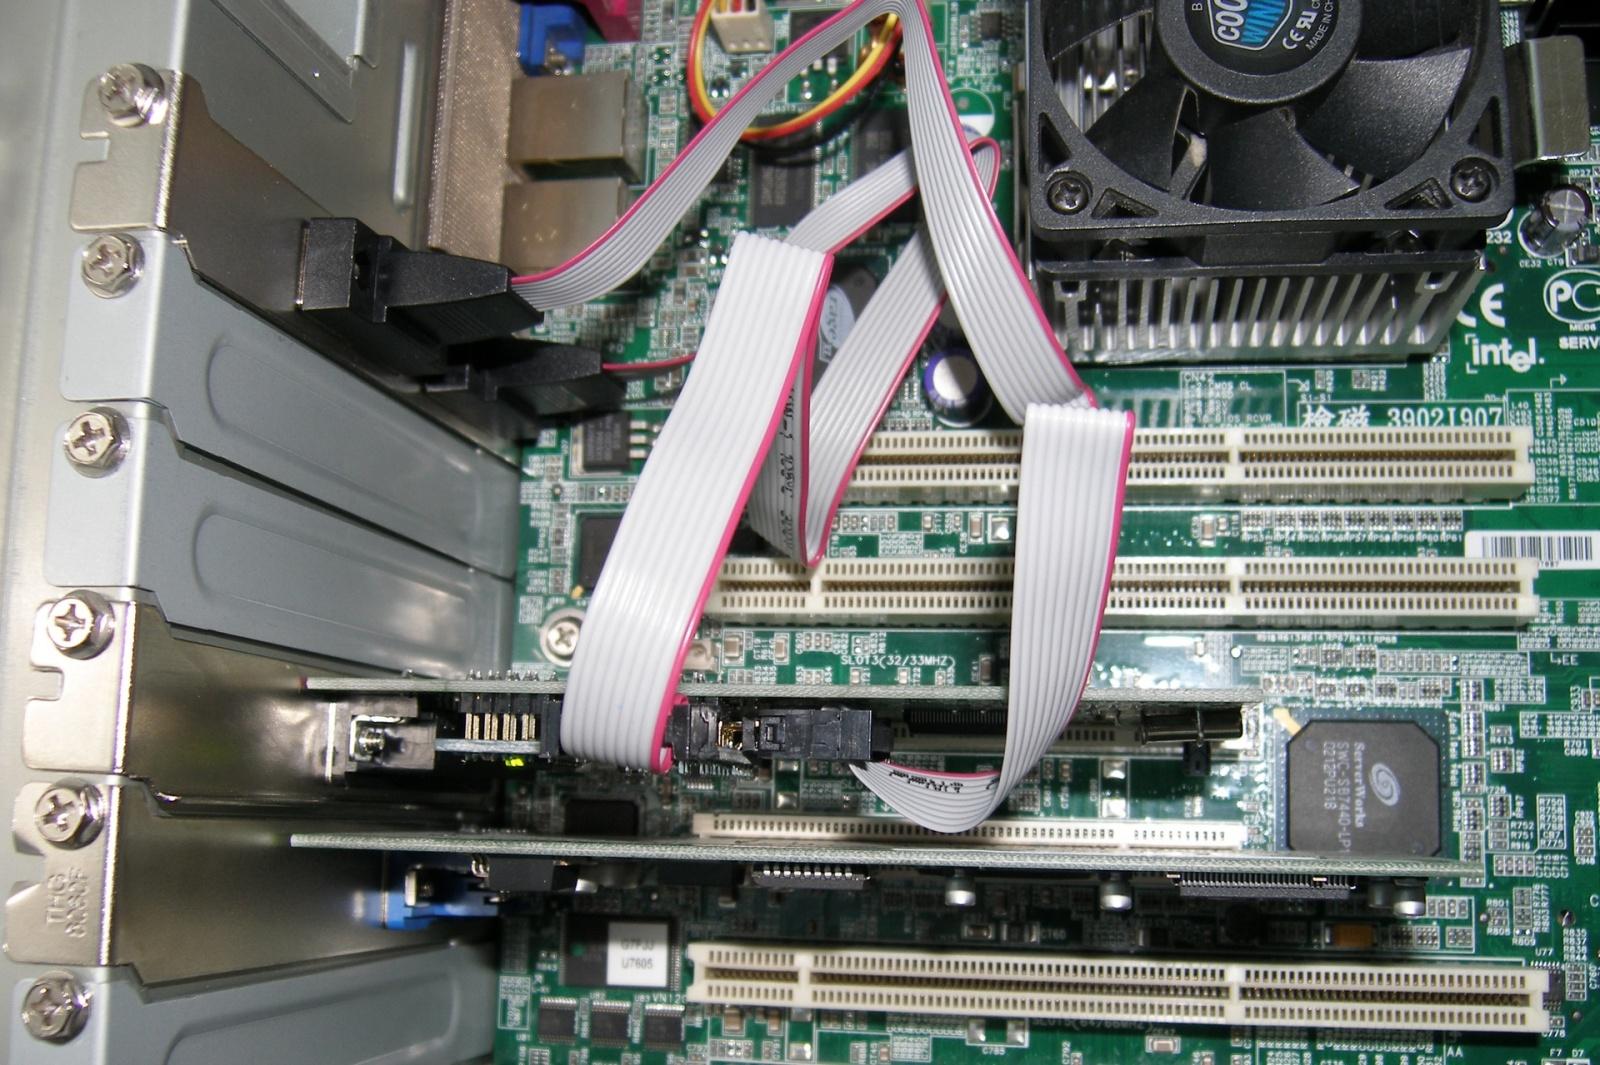 Адаптеры сопряжения RS-422 с поддержкой скоростей до 1Мбод для системной шины PCI - 25